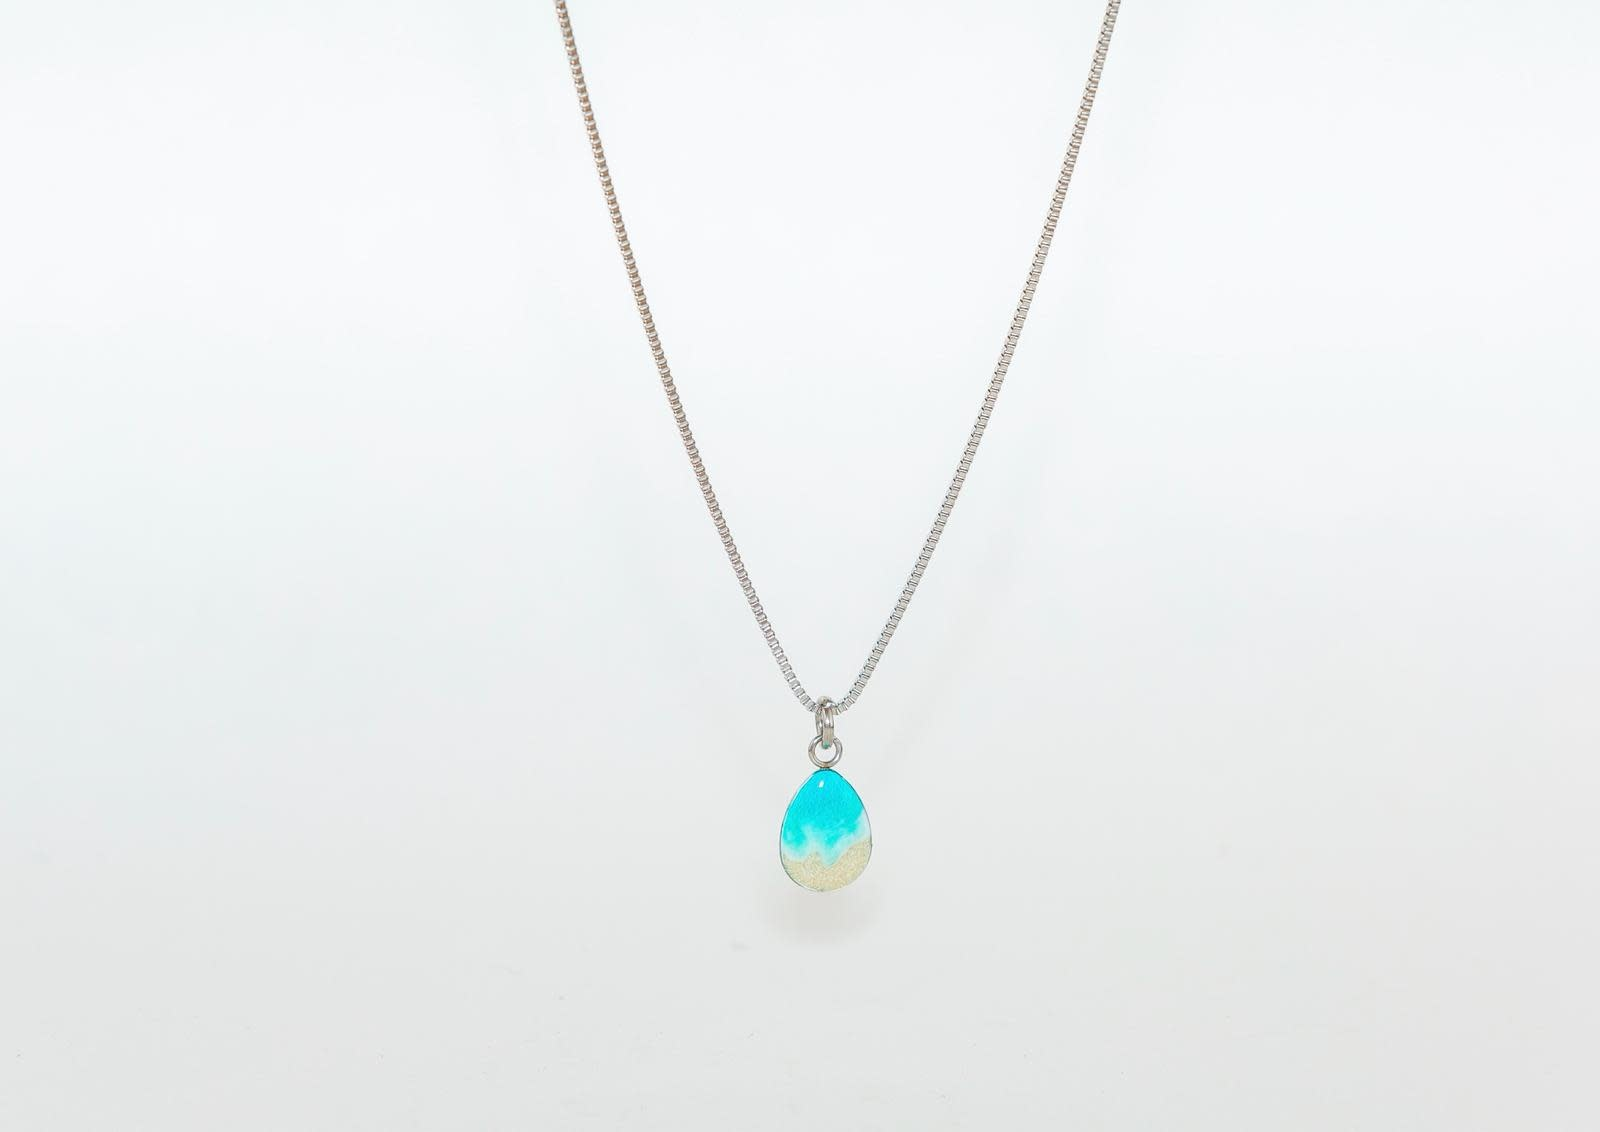 Wellington Michael Collection Shoreline Tear Drop Necklace